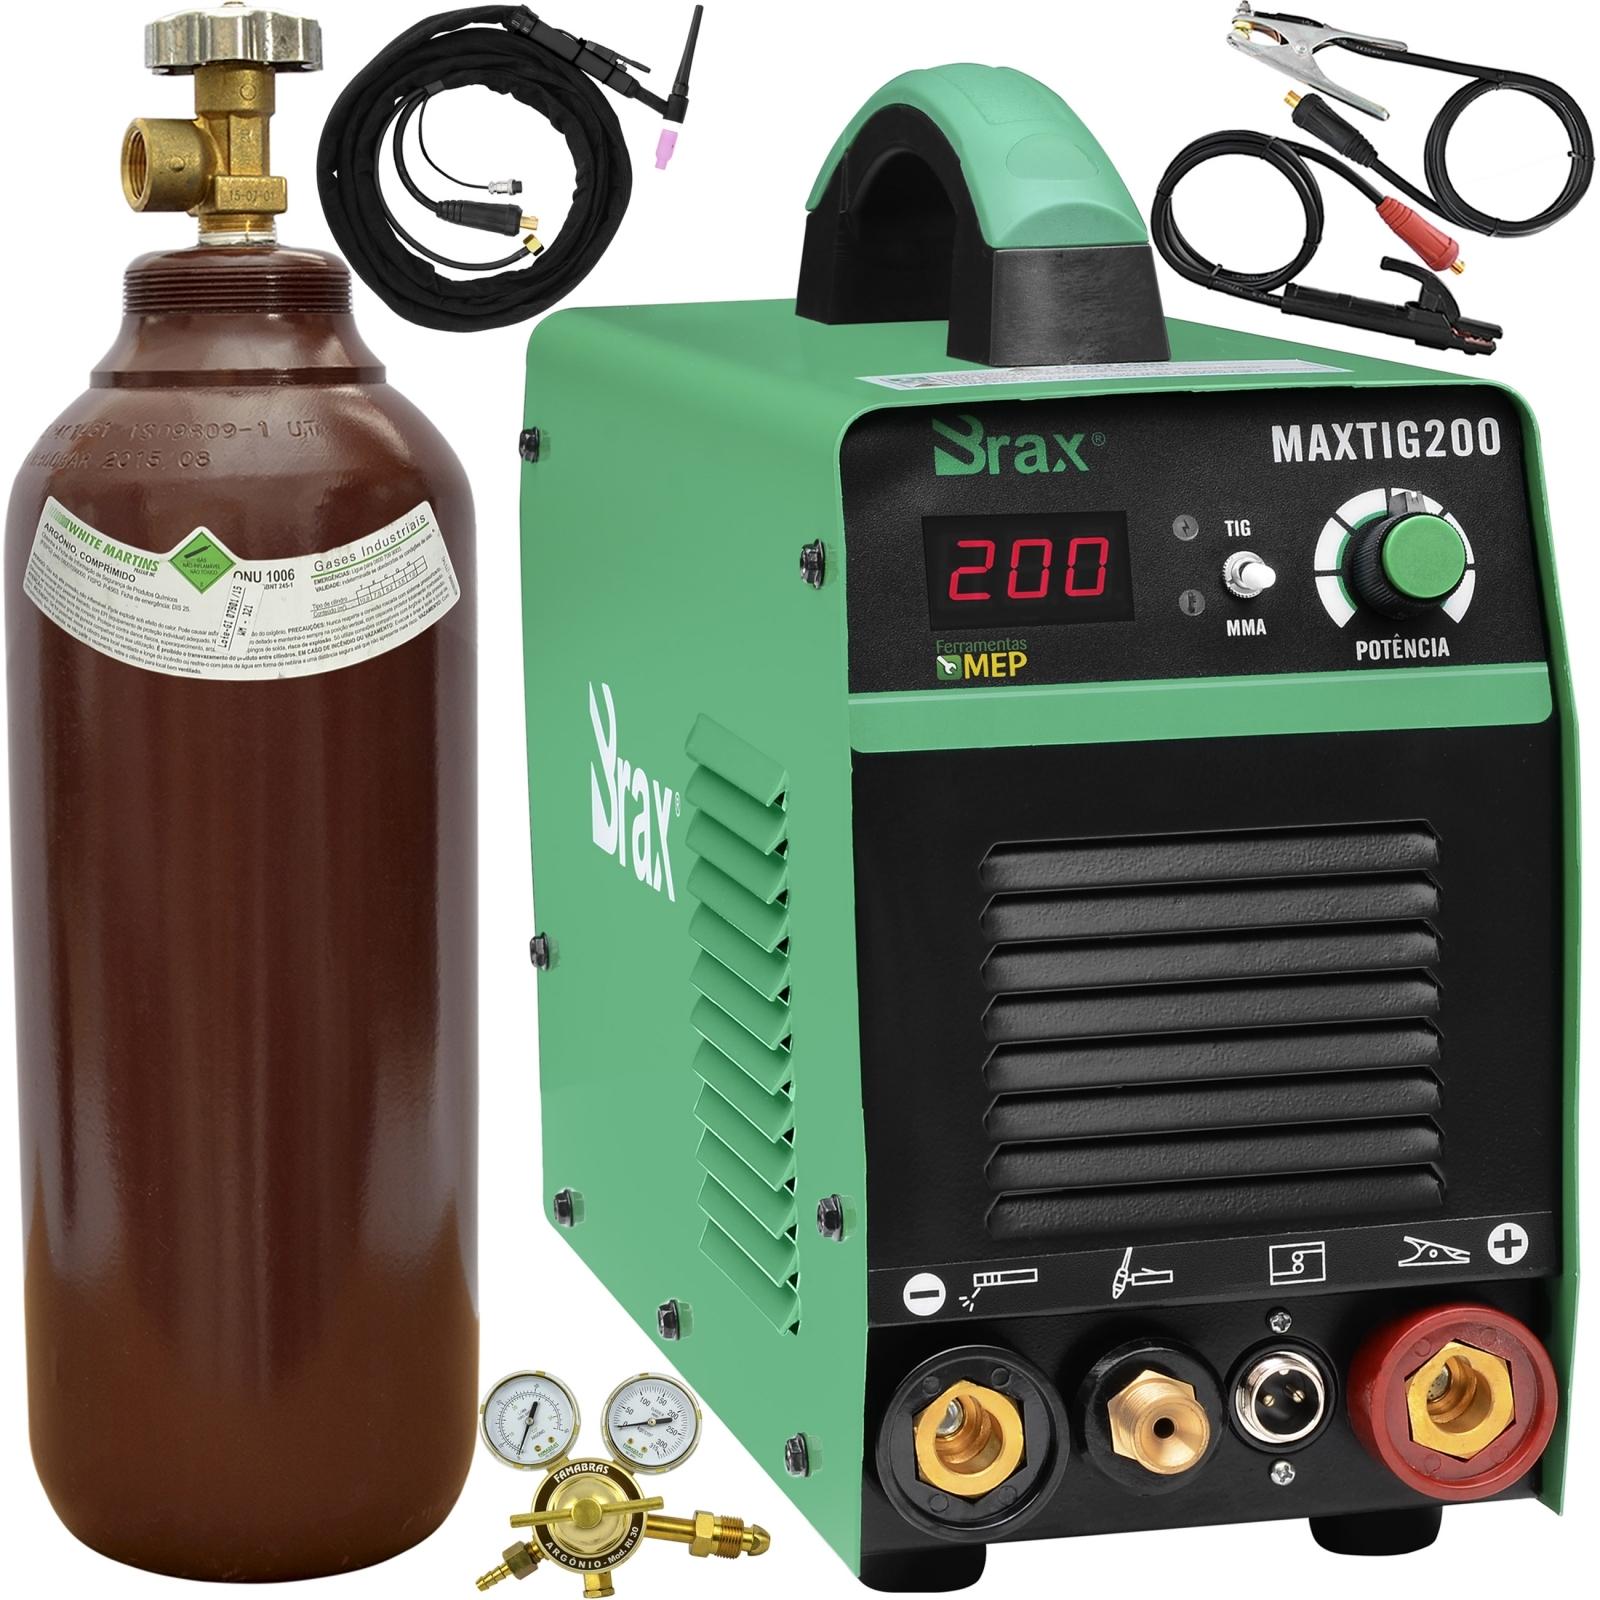 Máquina De Solda Tig Eletrodo 200a Brax Soldas MaxiTig 200 Bivolt Completa - Ferramentas MEP